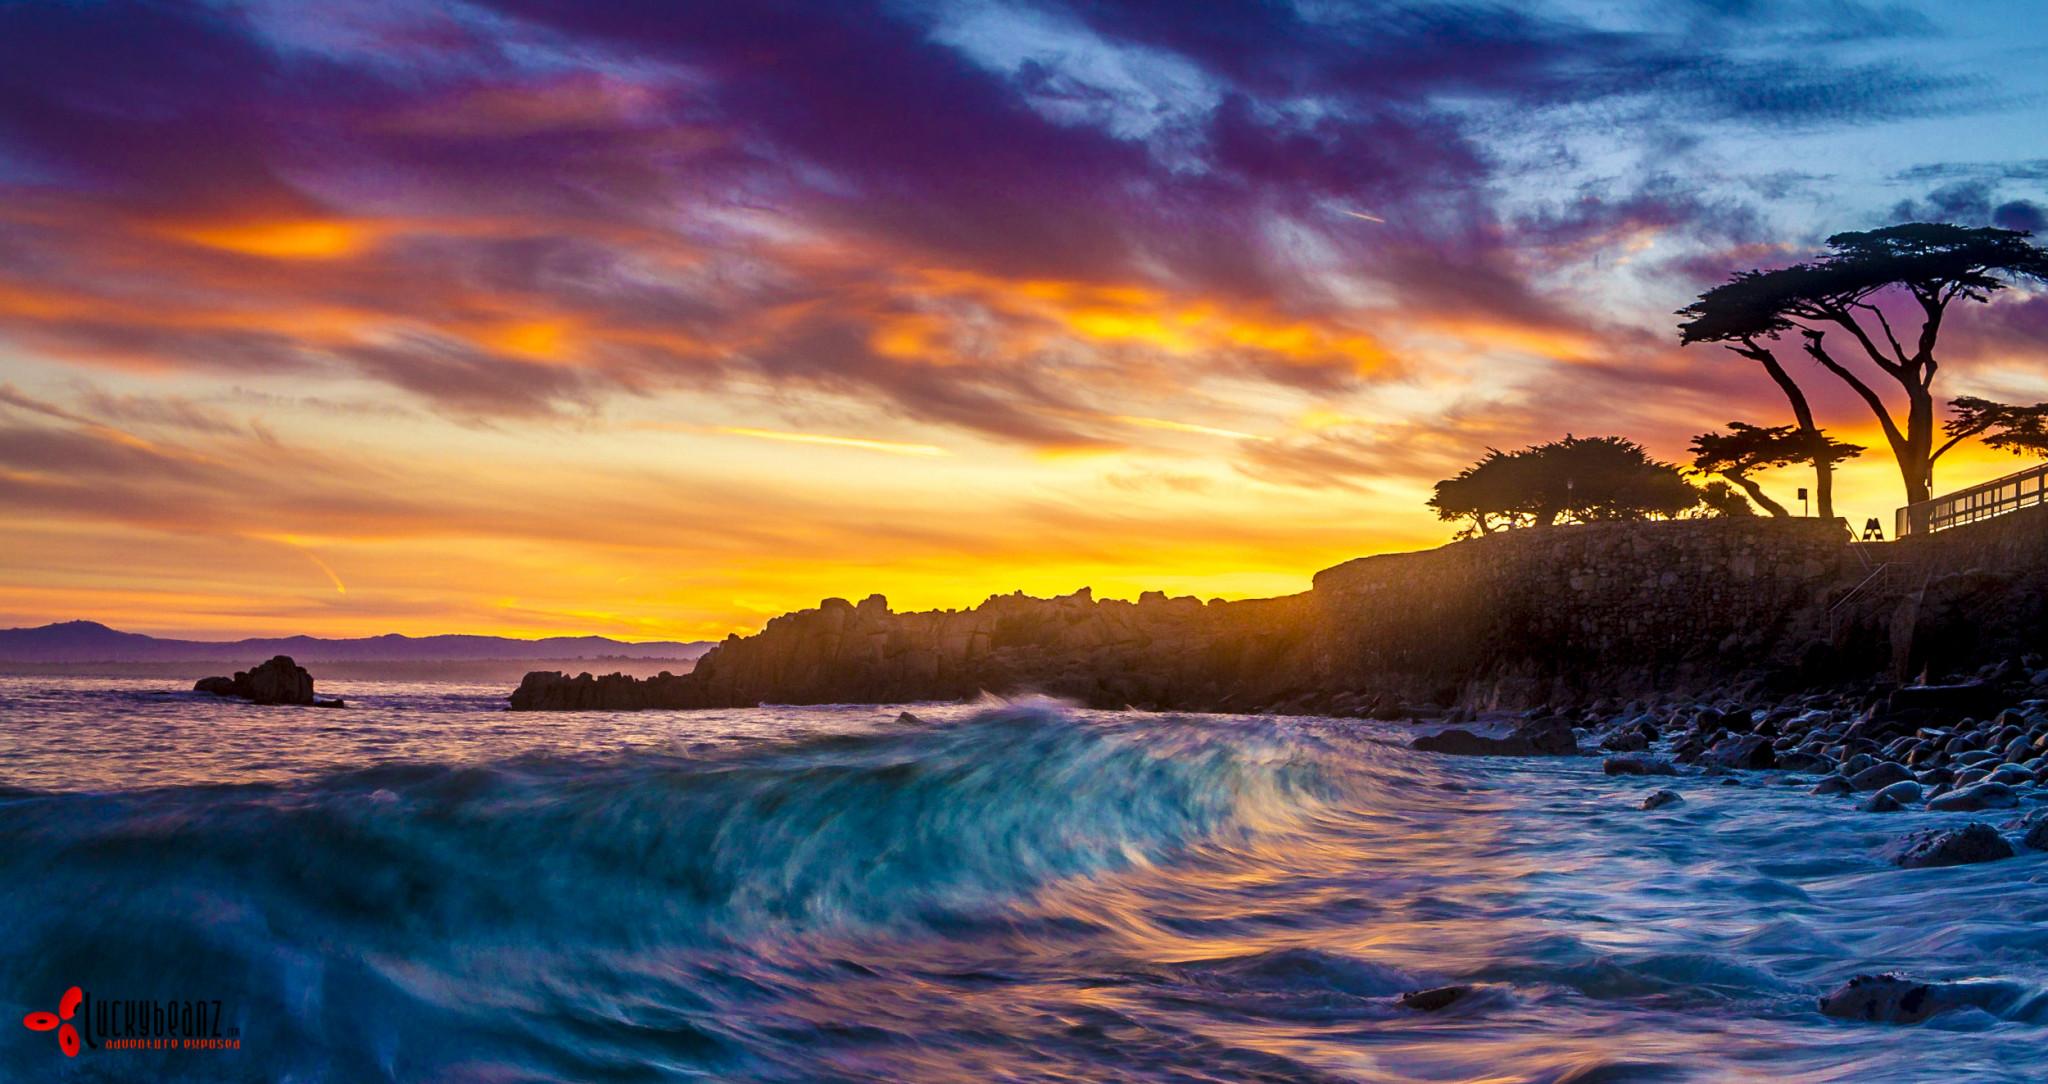 magnificent Monterey bay.